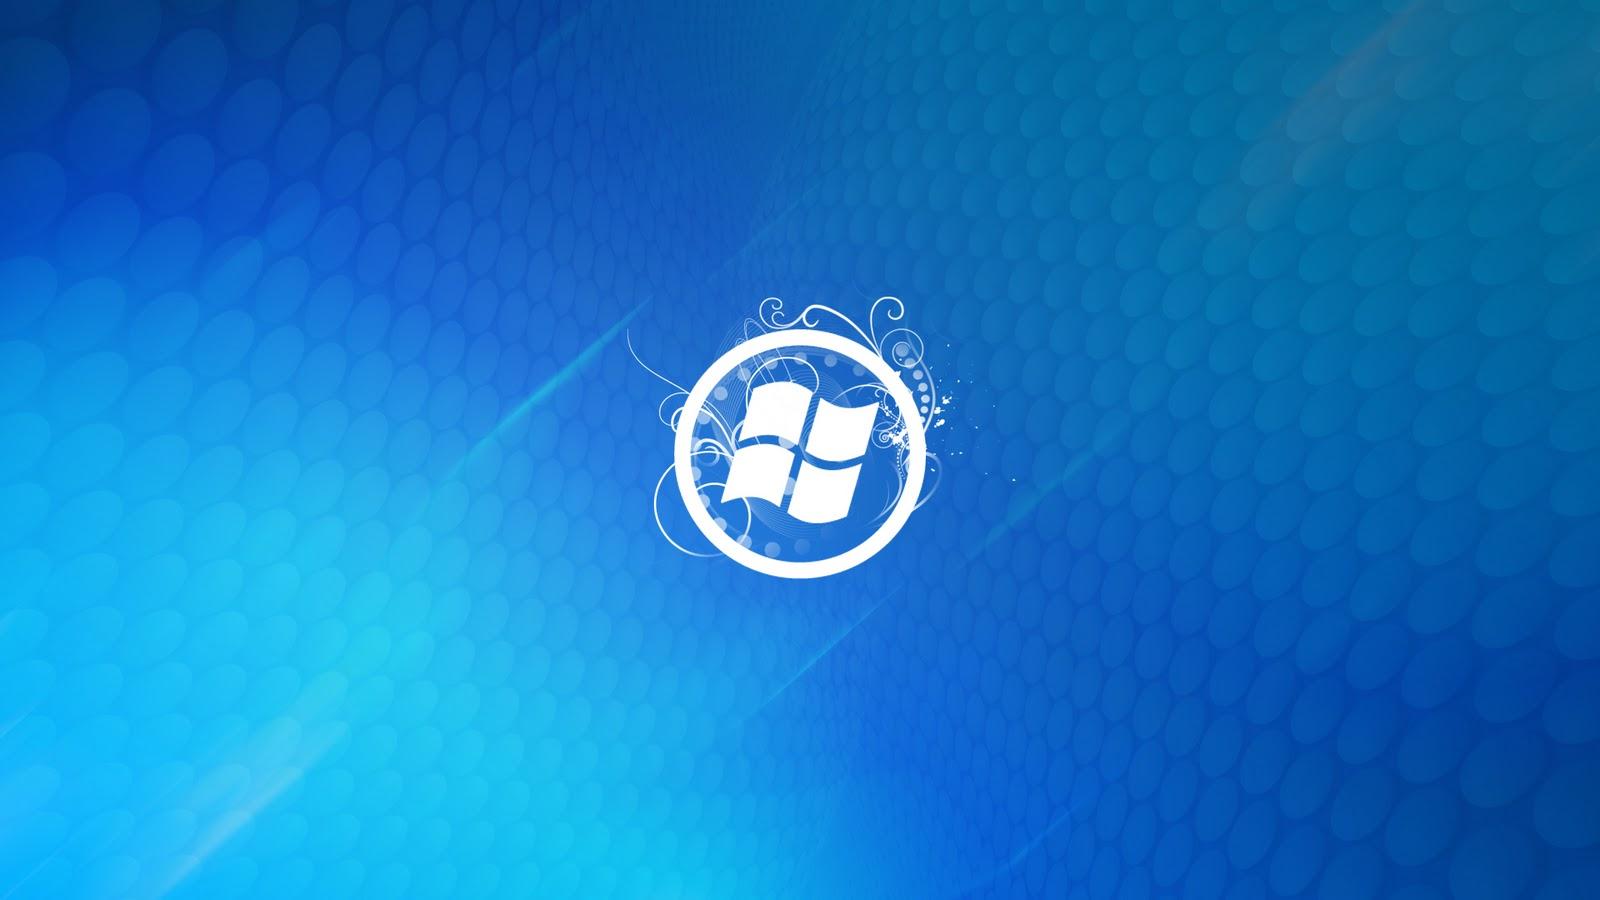 http://4.bp.blogspot.com/-M60pyR3RMPc/Tpm2C-gc11I/AAAAAAAAANM/Su4X6-xKaFA/s1600/Wallpaper+5.jpg